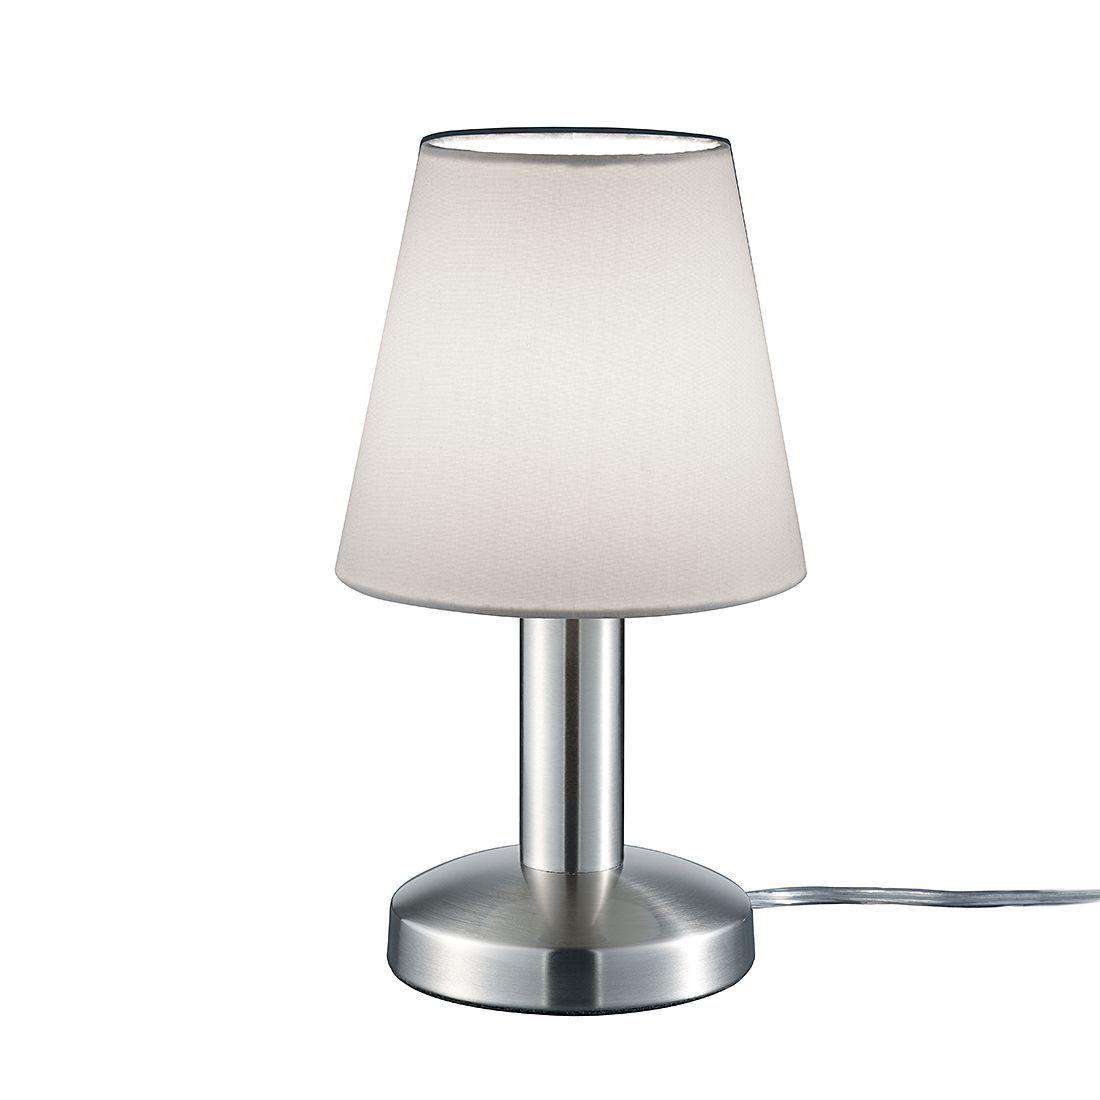 Eek A Tischleuchte Touch Me Nickel 1 Flammig Lux Online Kaufen Bei Woonio Lampe Nachttischlampe Tischleuchte